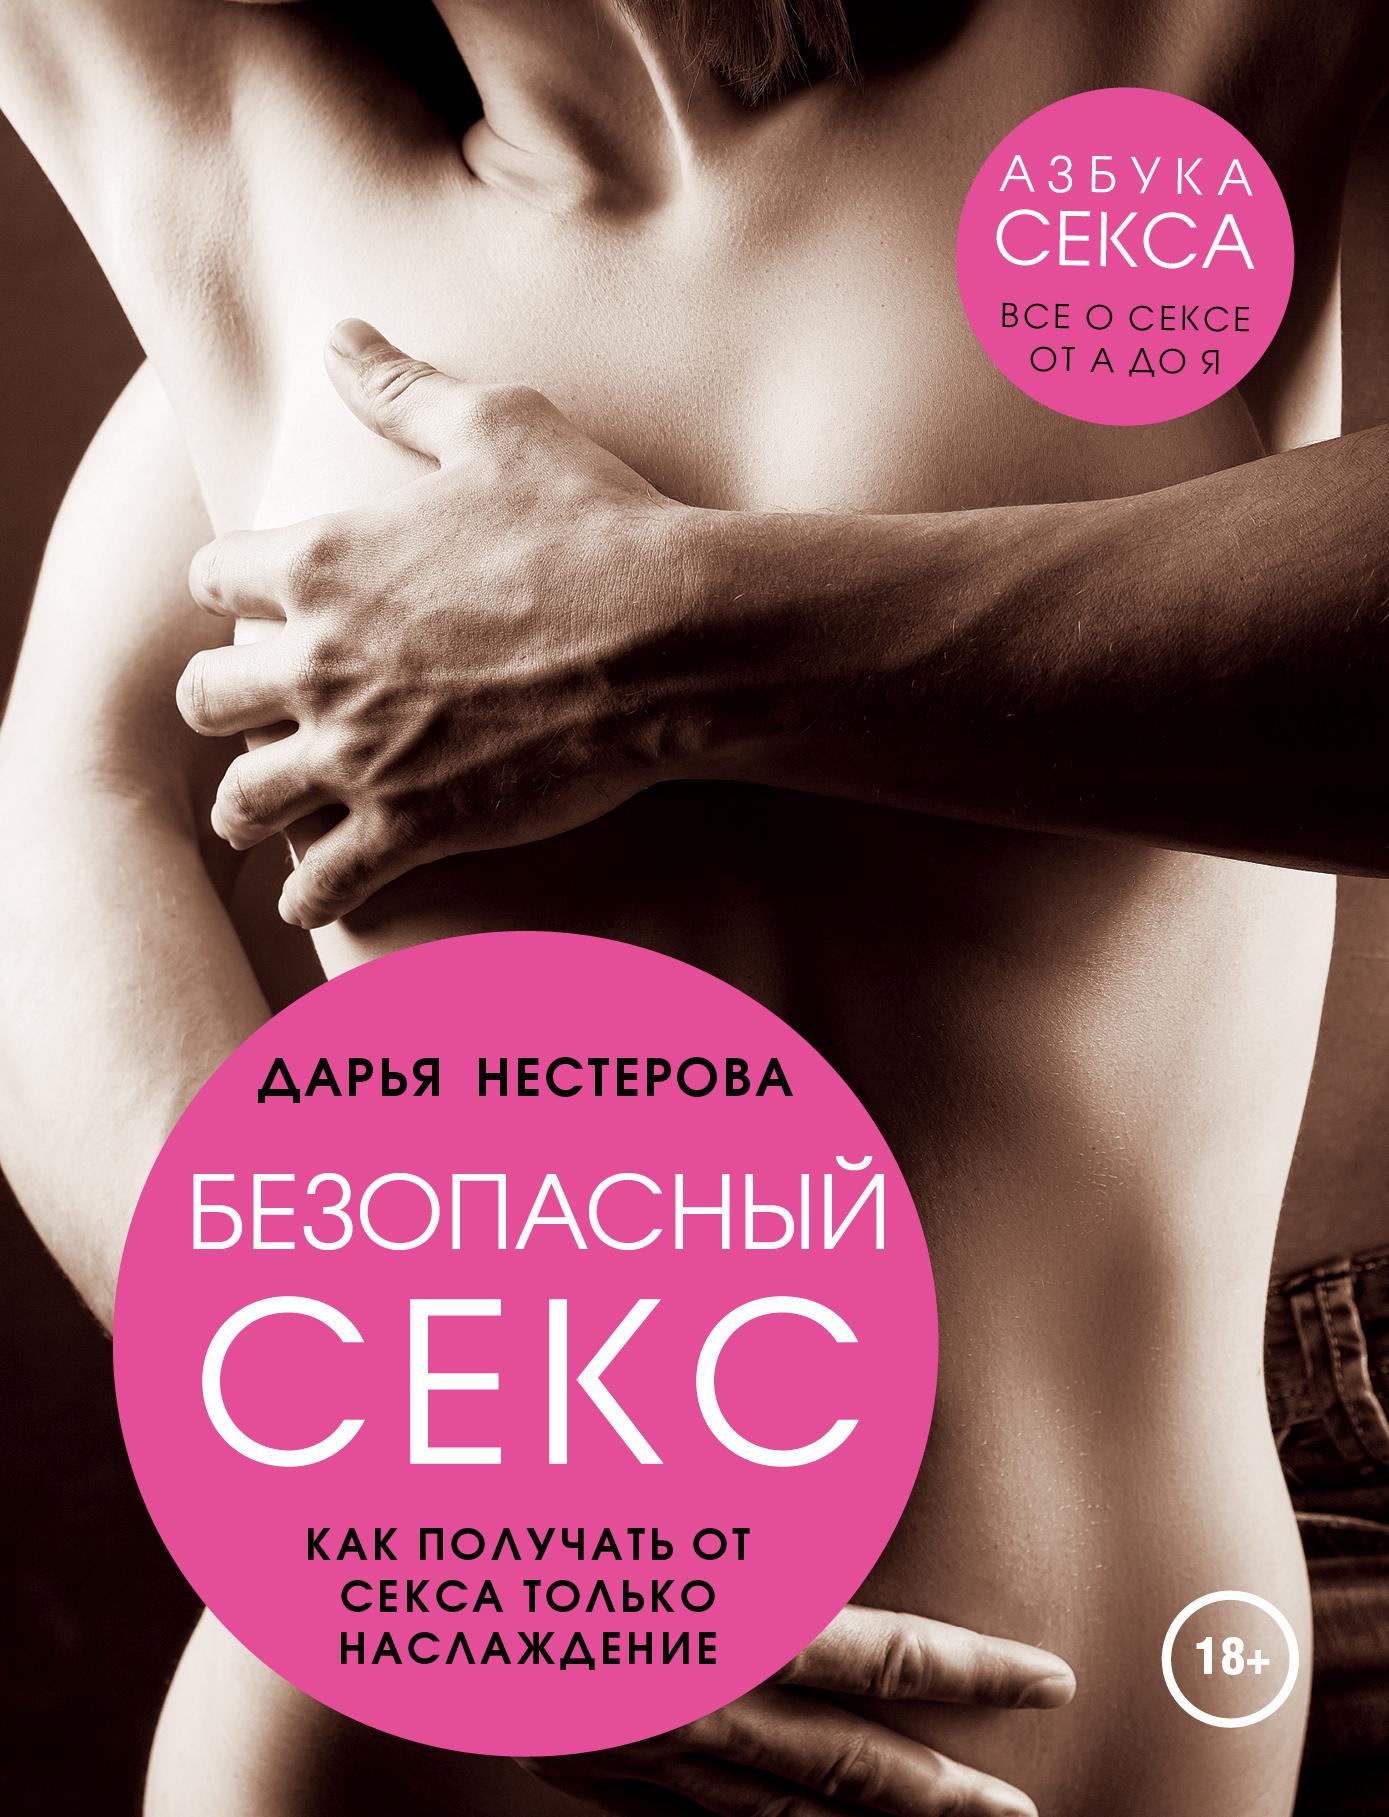 Секс и эротические книги 19 фотография